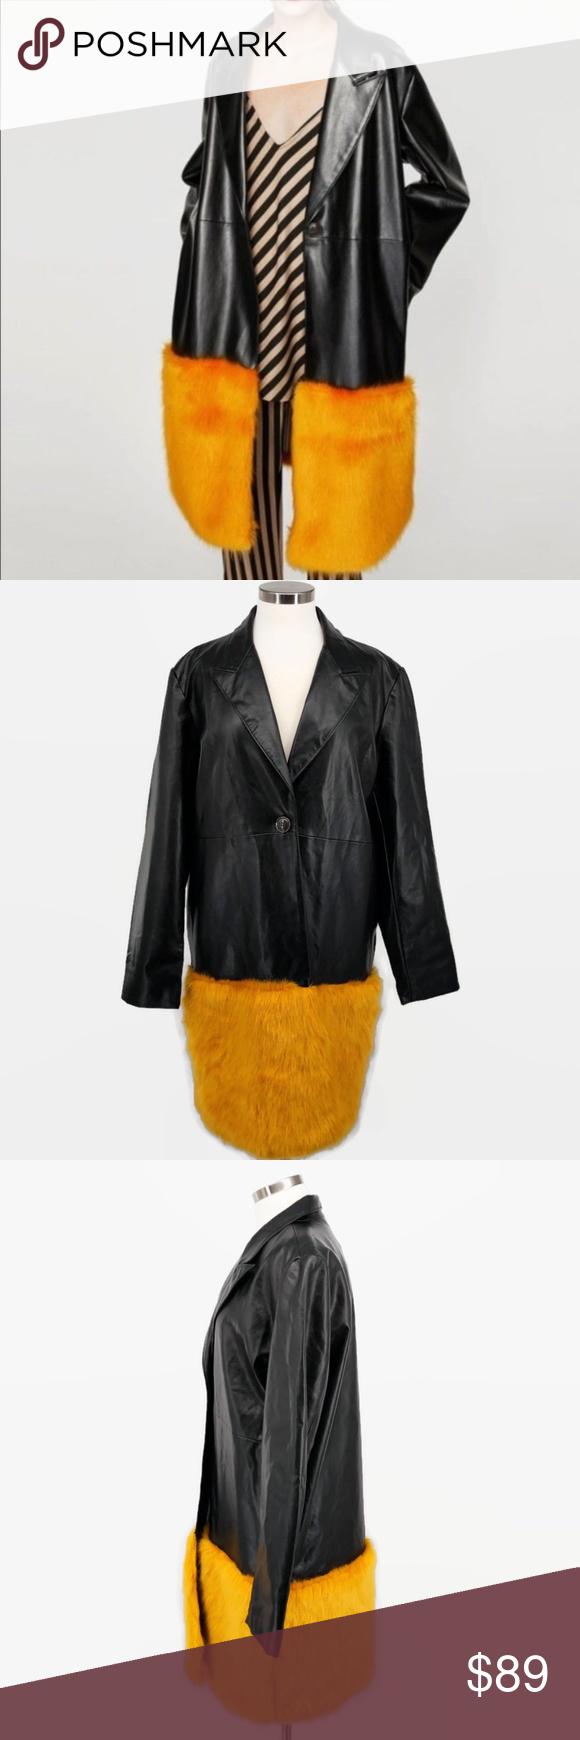 Zara Faux Leather Jacket with Orange Fur Trim Size NEW